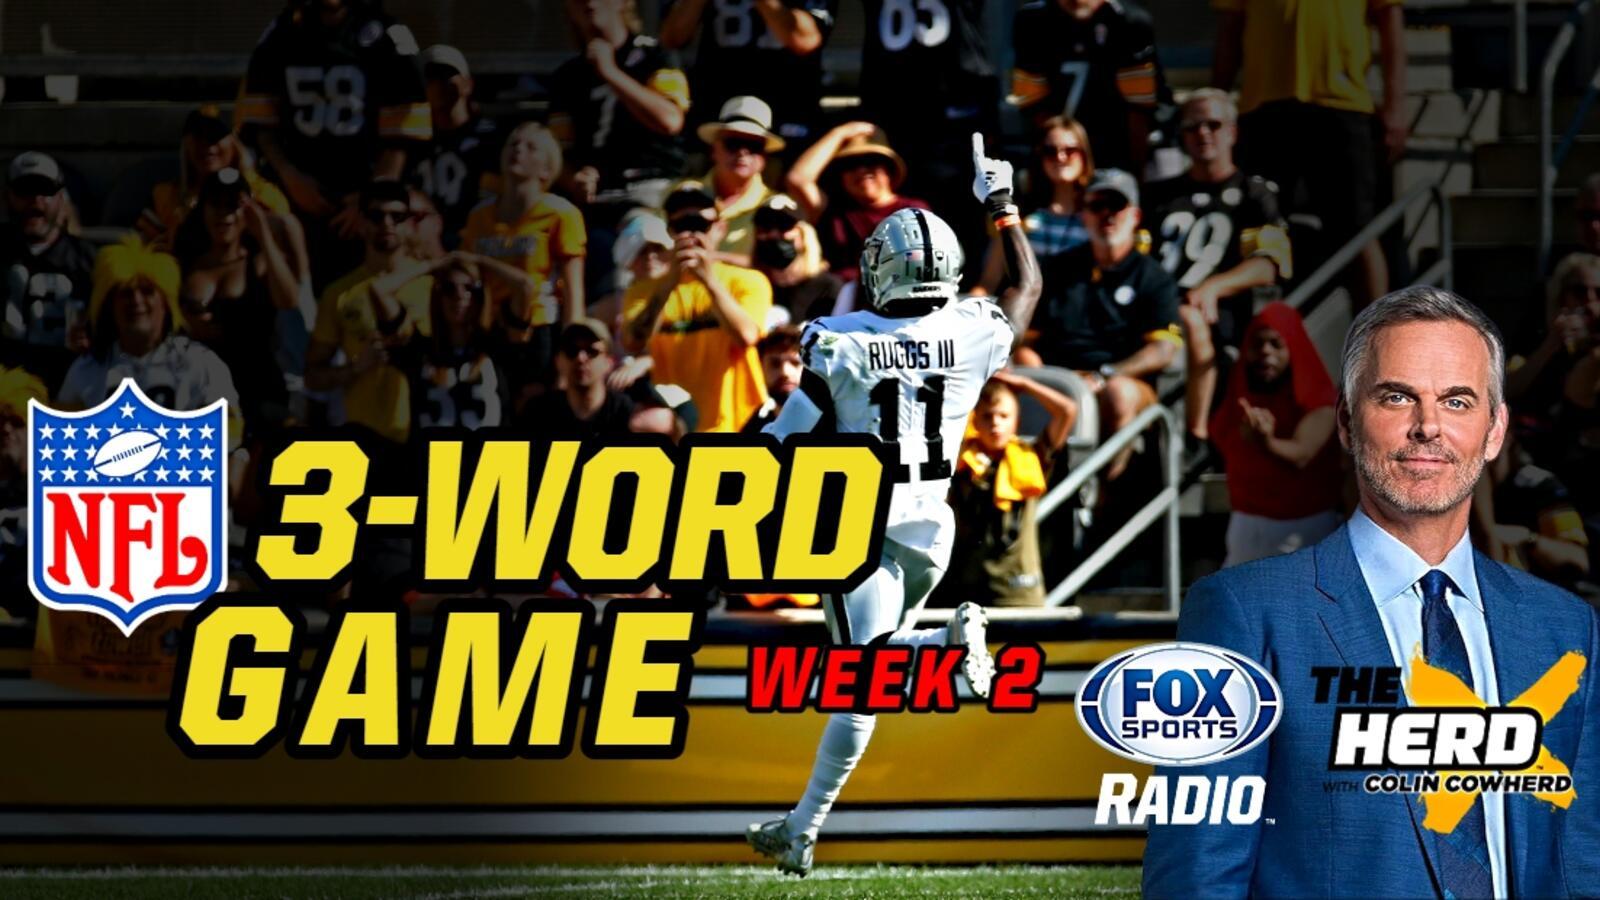 Colin Cowherd Breaks Down Every NFL Week 2 Game in Just Three Words